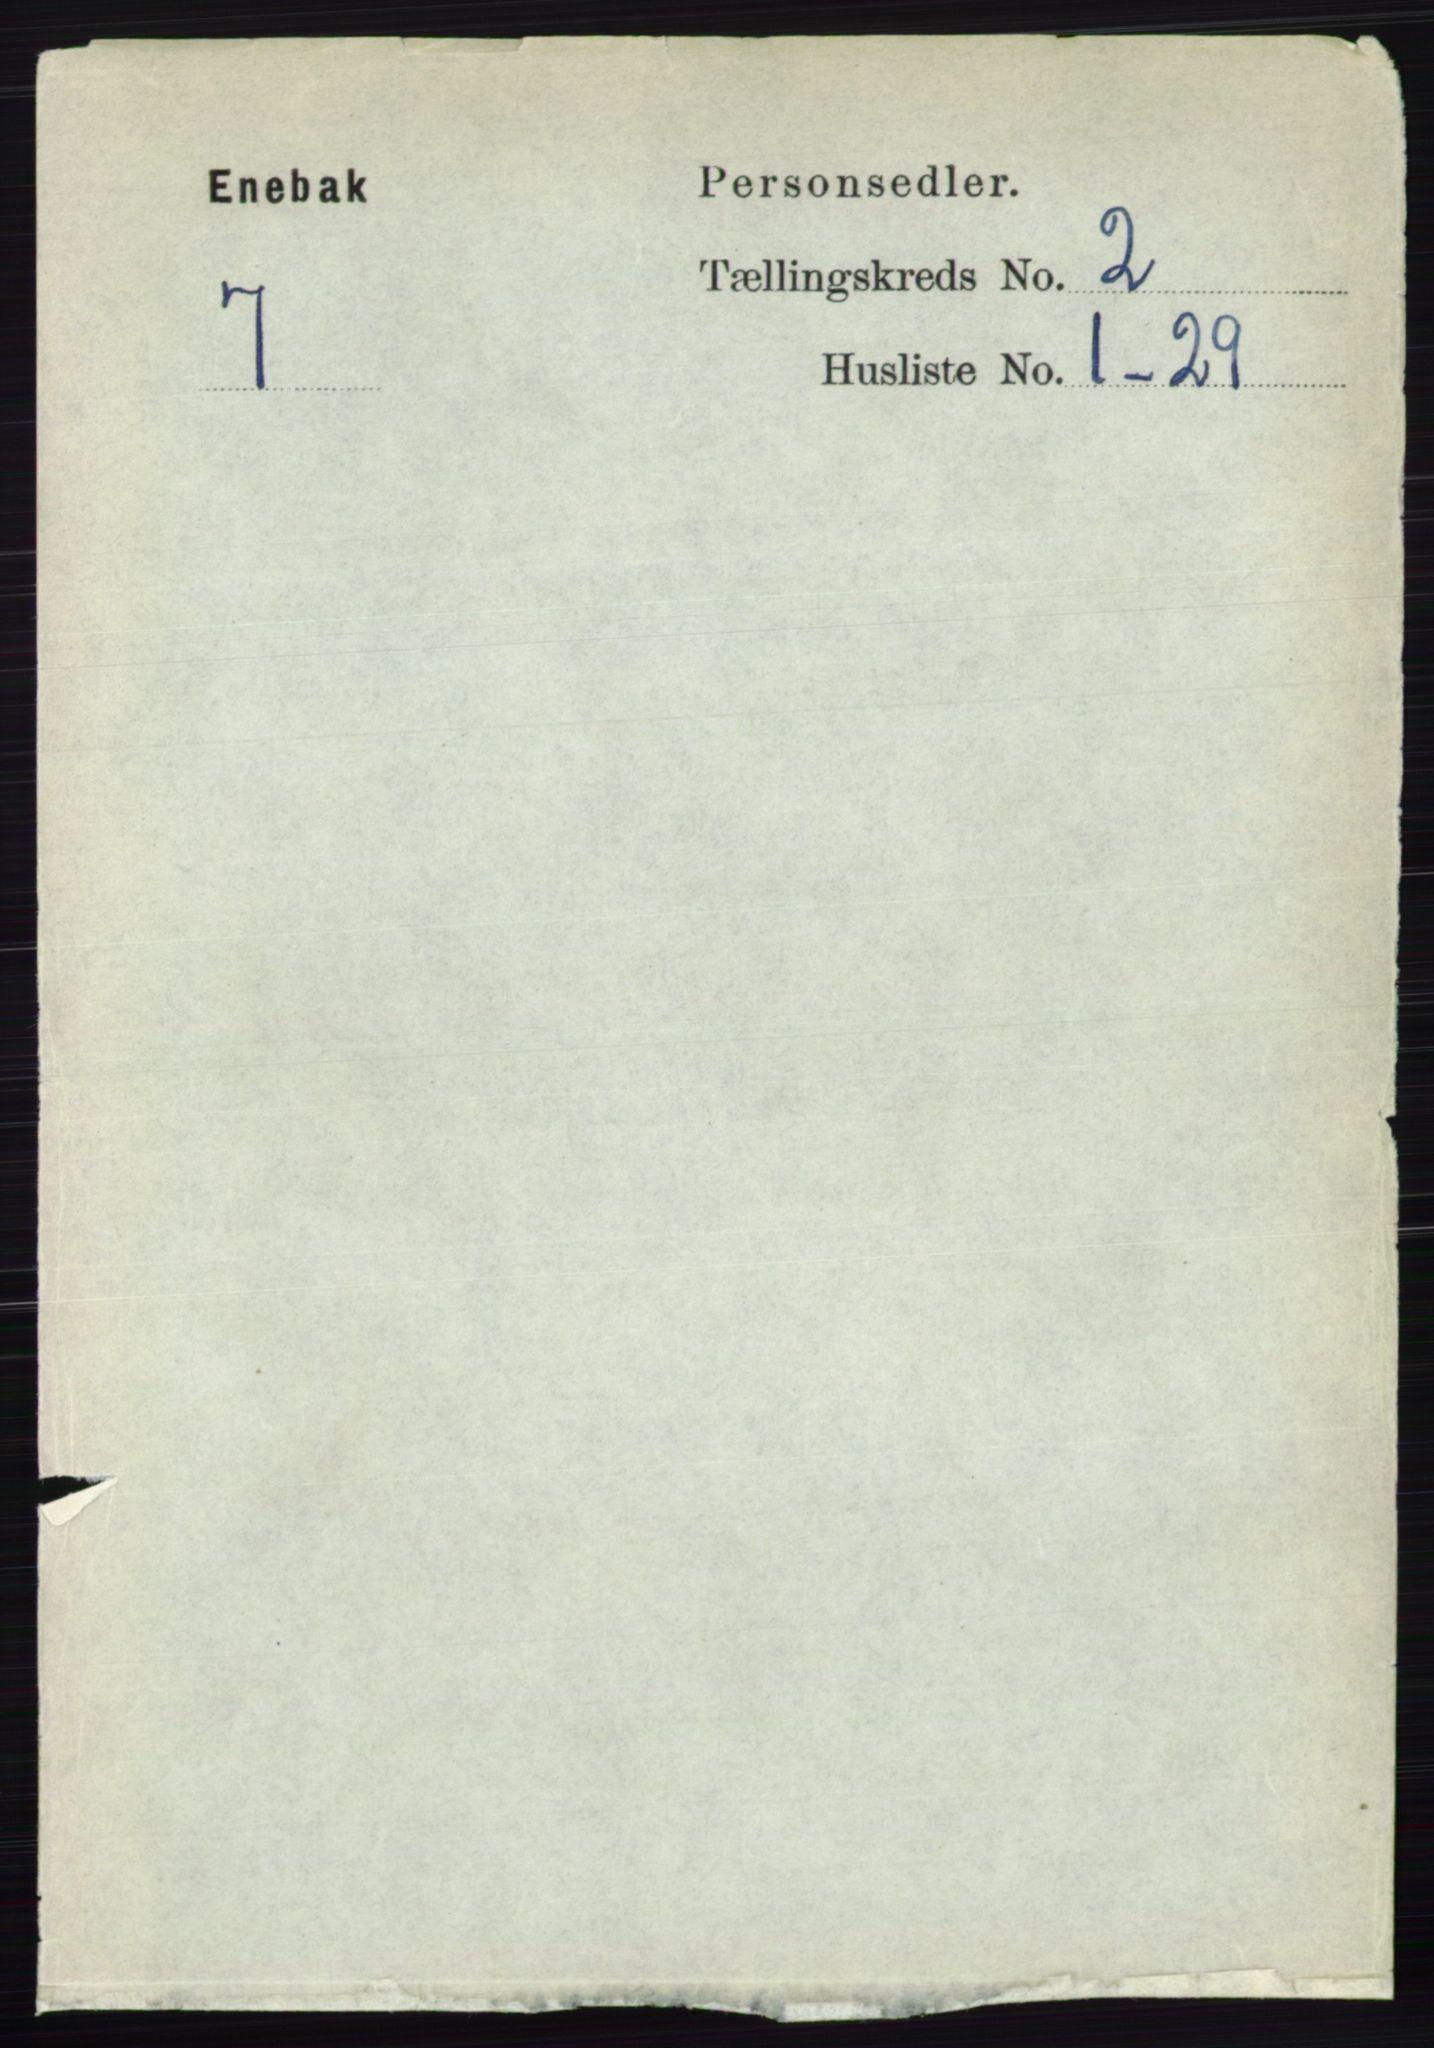 RA, Folketelling 1891 for 0229 Enebakk herred, 1891, s. 767